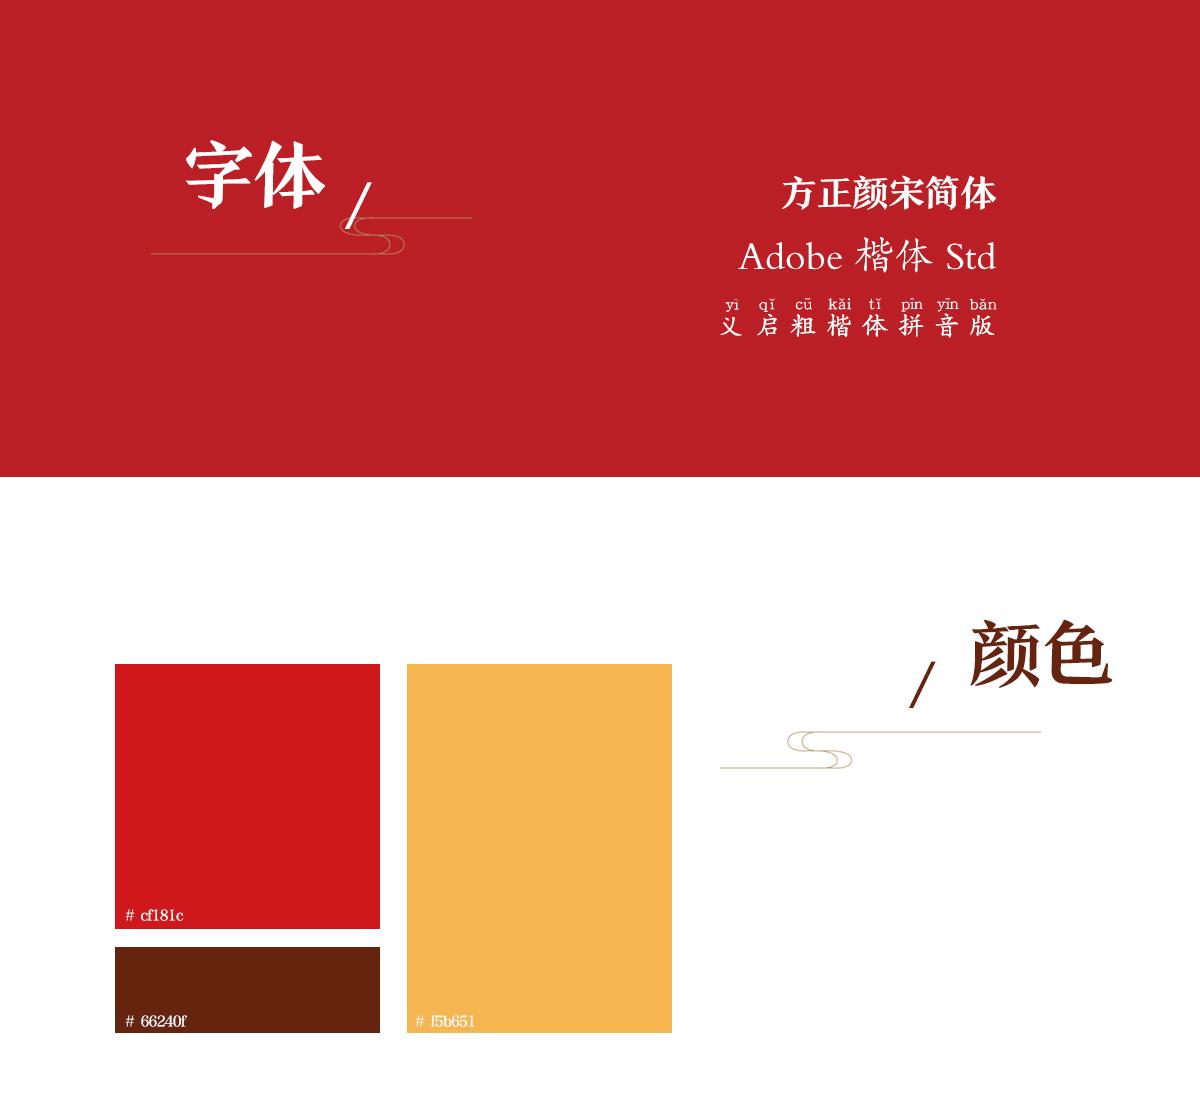 武汉电商设计|驱蚊香包详情设计|视觉优化|品牌策划